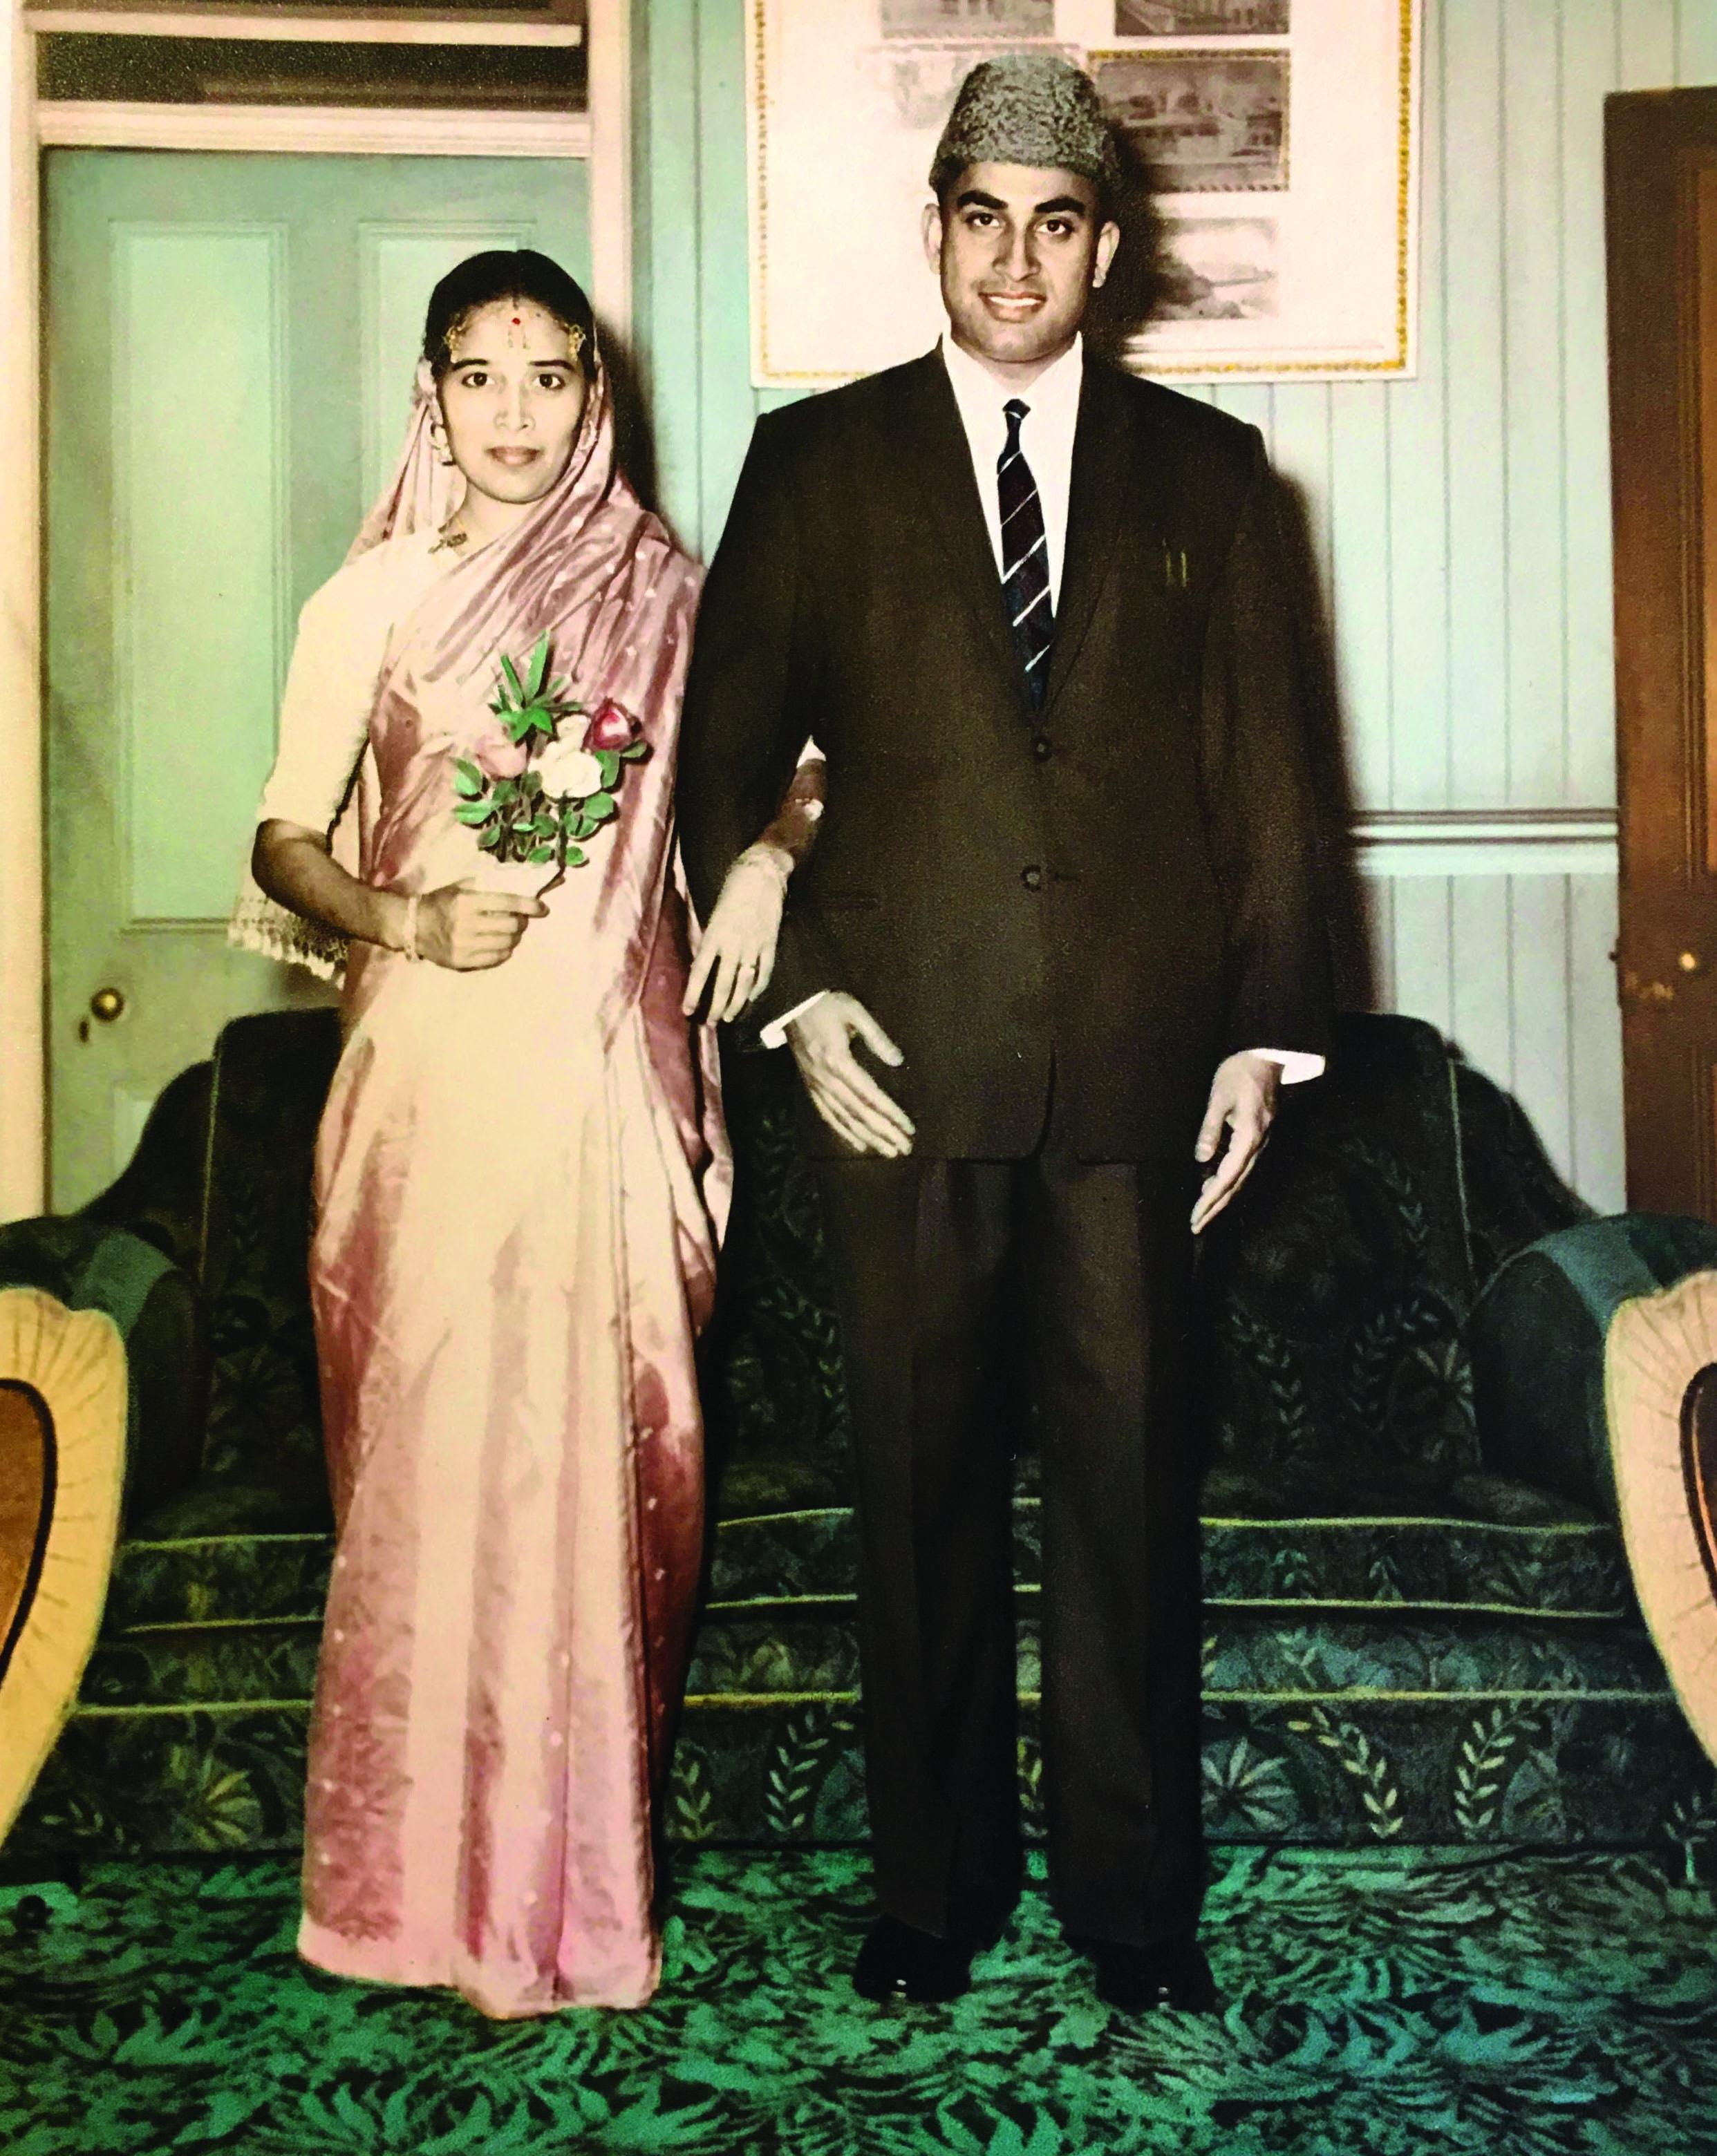 Haji Bashir Mohammed Deen and his wife Jainul Nisha